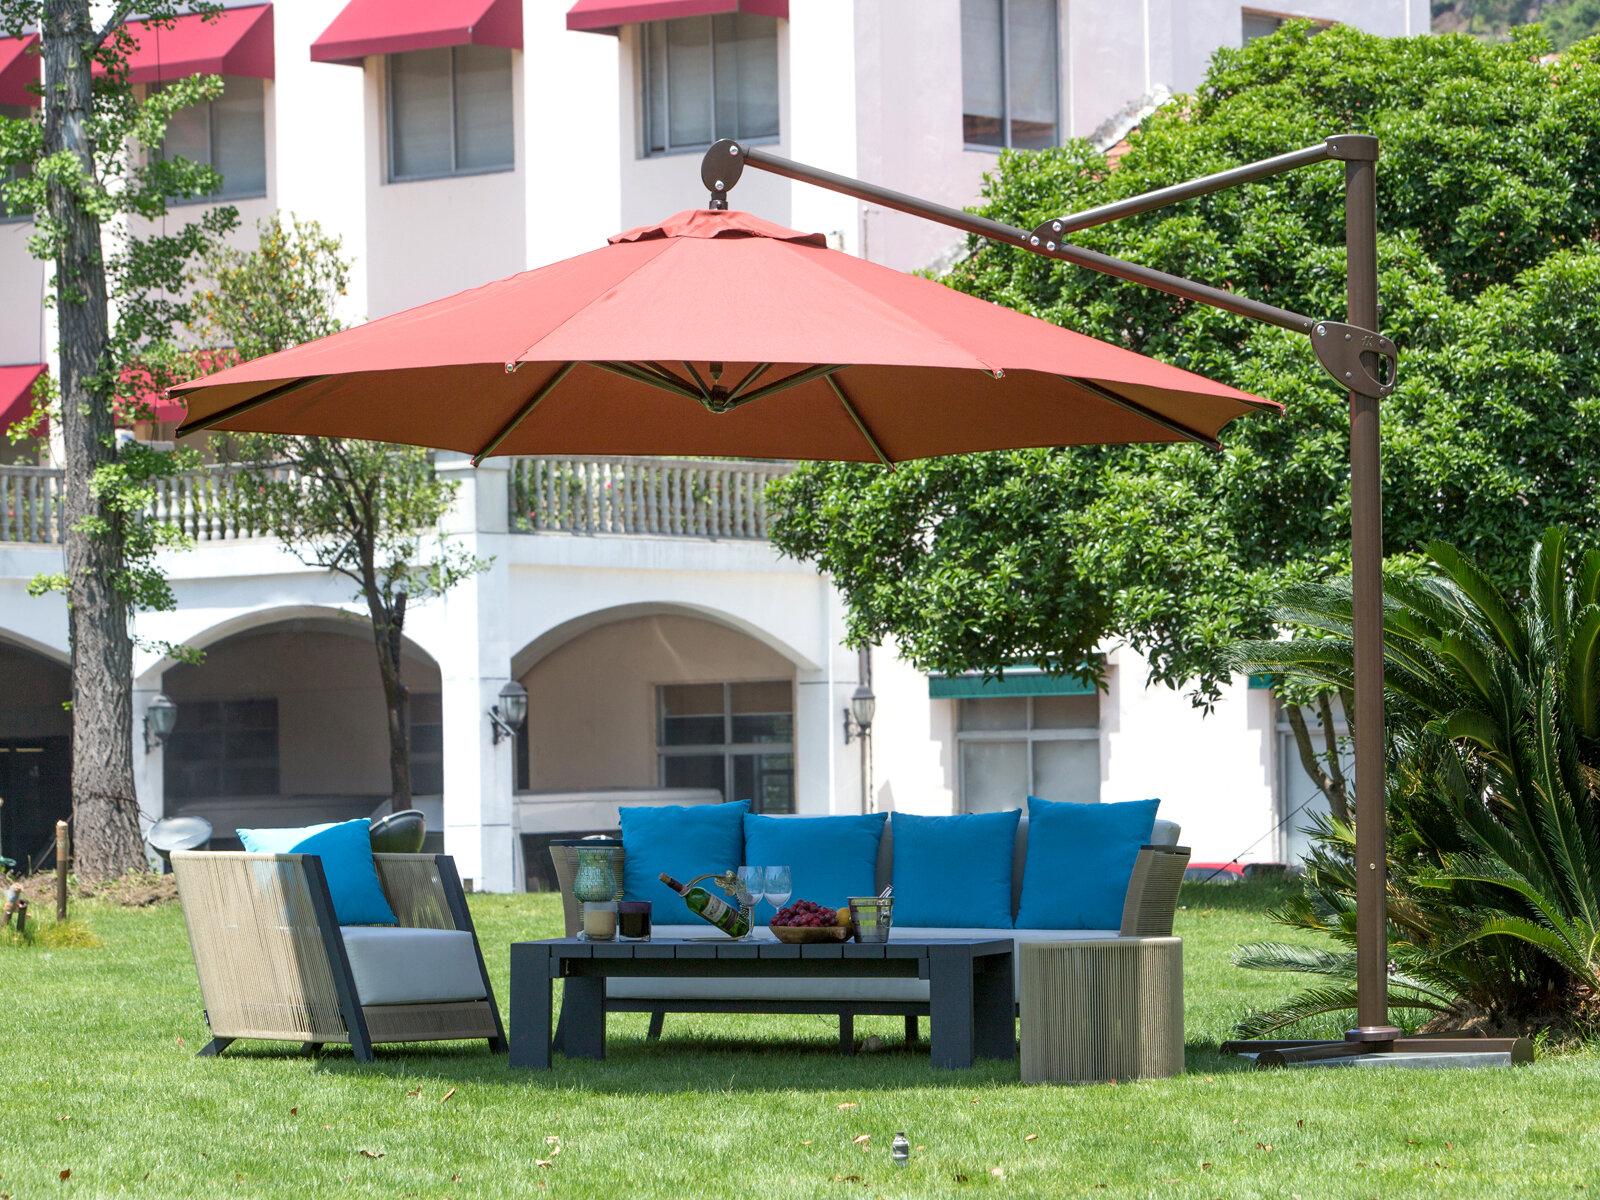 Abba Patio 11 Cantilever Umbrella & Reviews